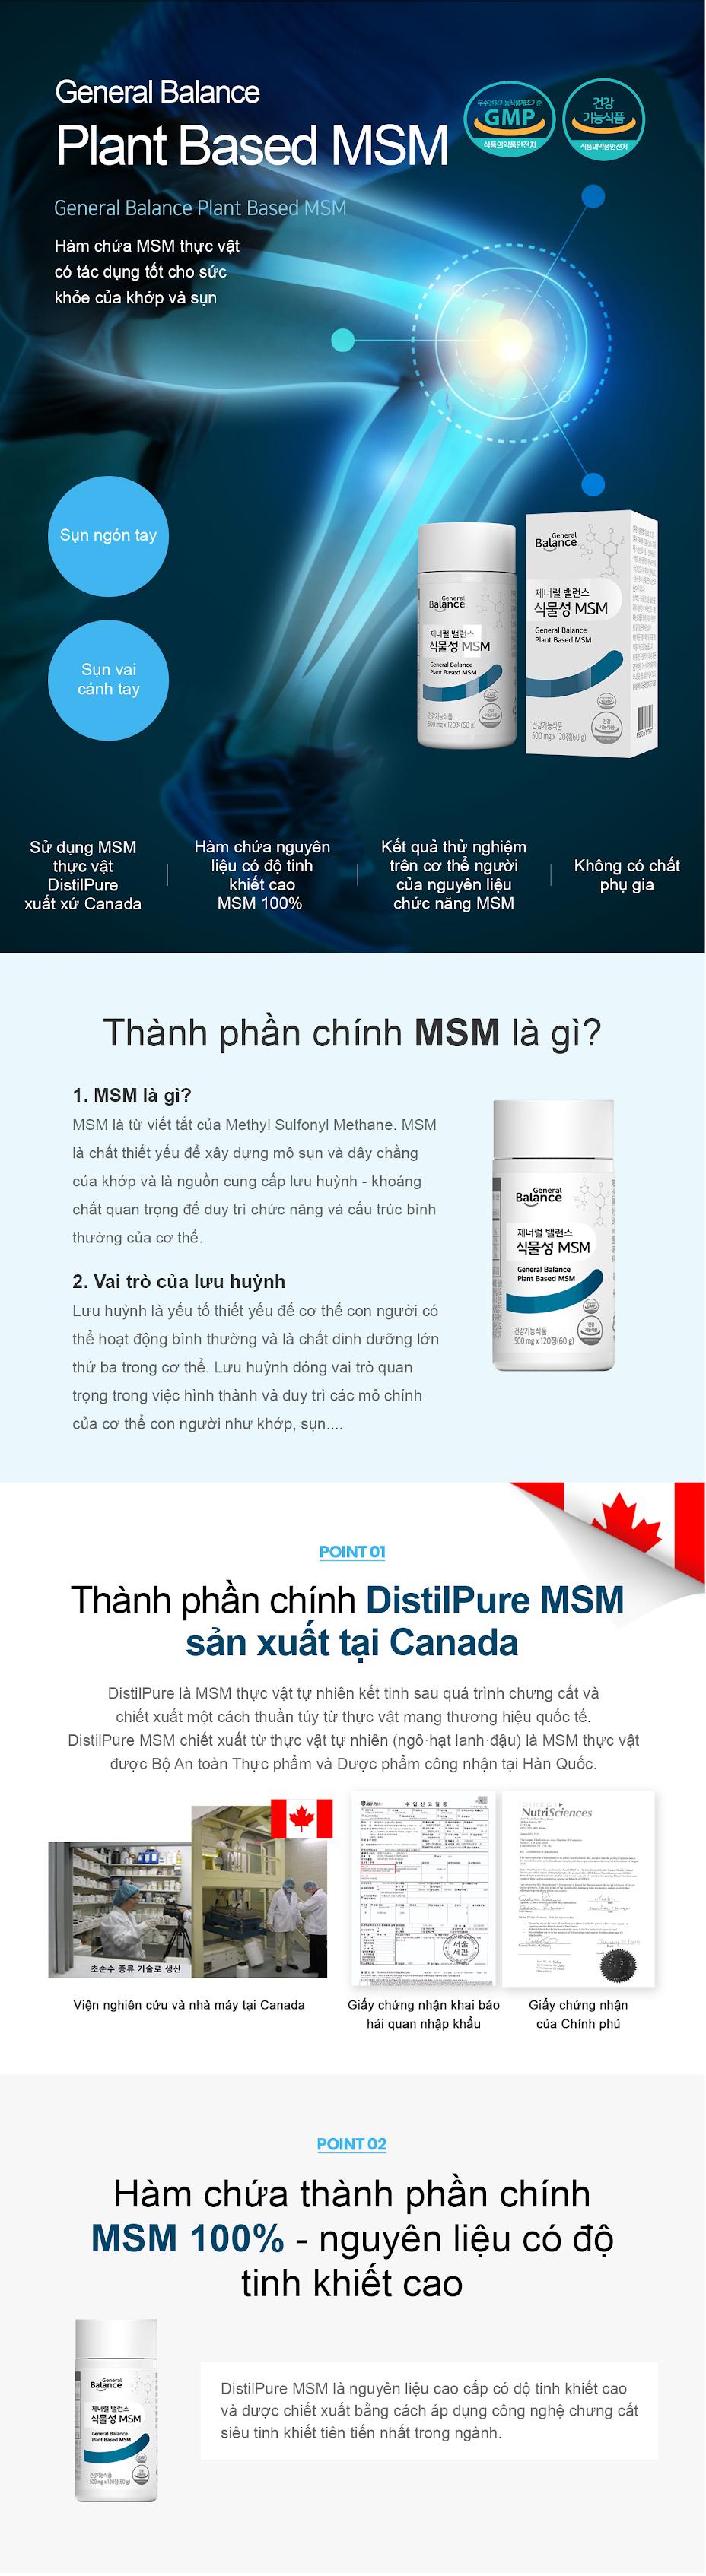 Thuc pham bao ve suc khoe ( Balance Plant Based Msm )